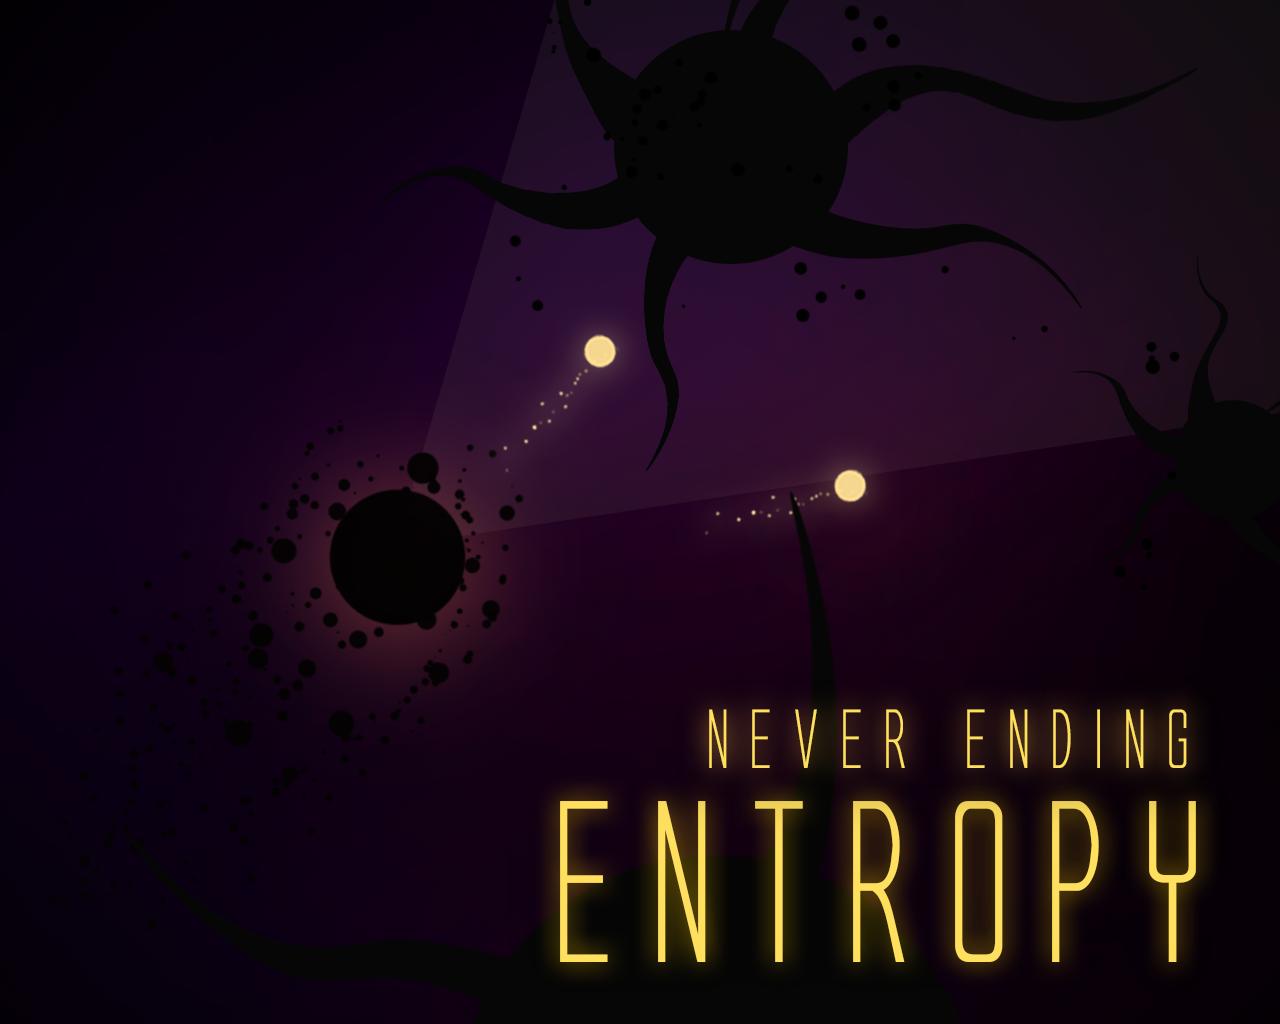 Never Ending Entropy